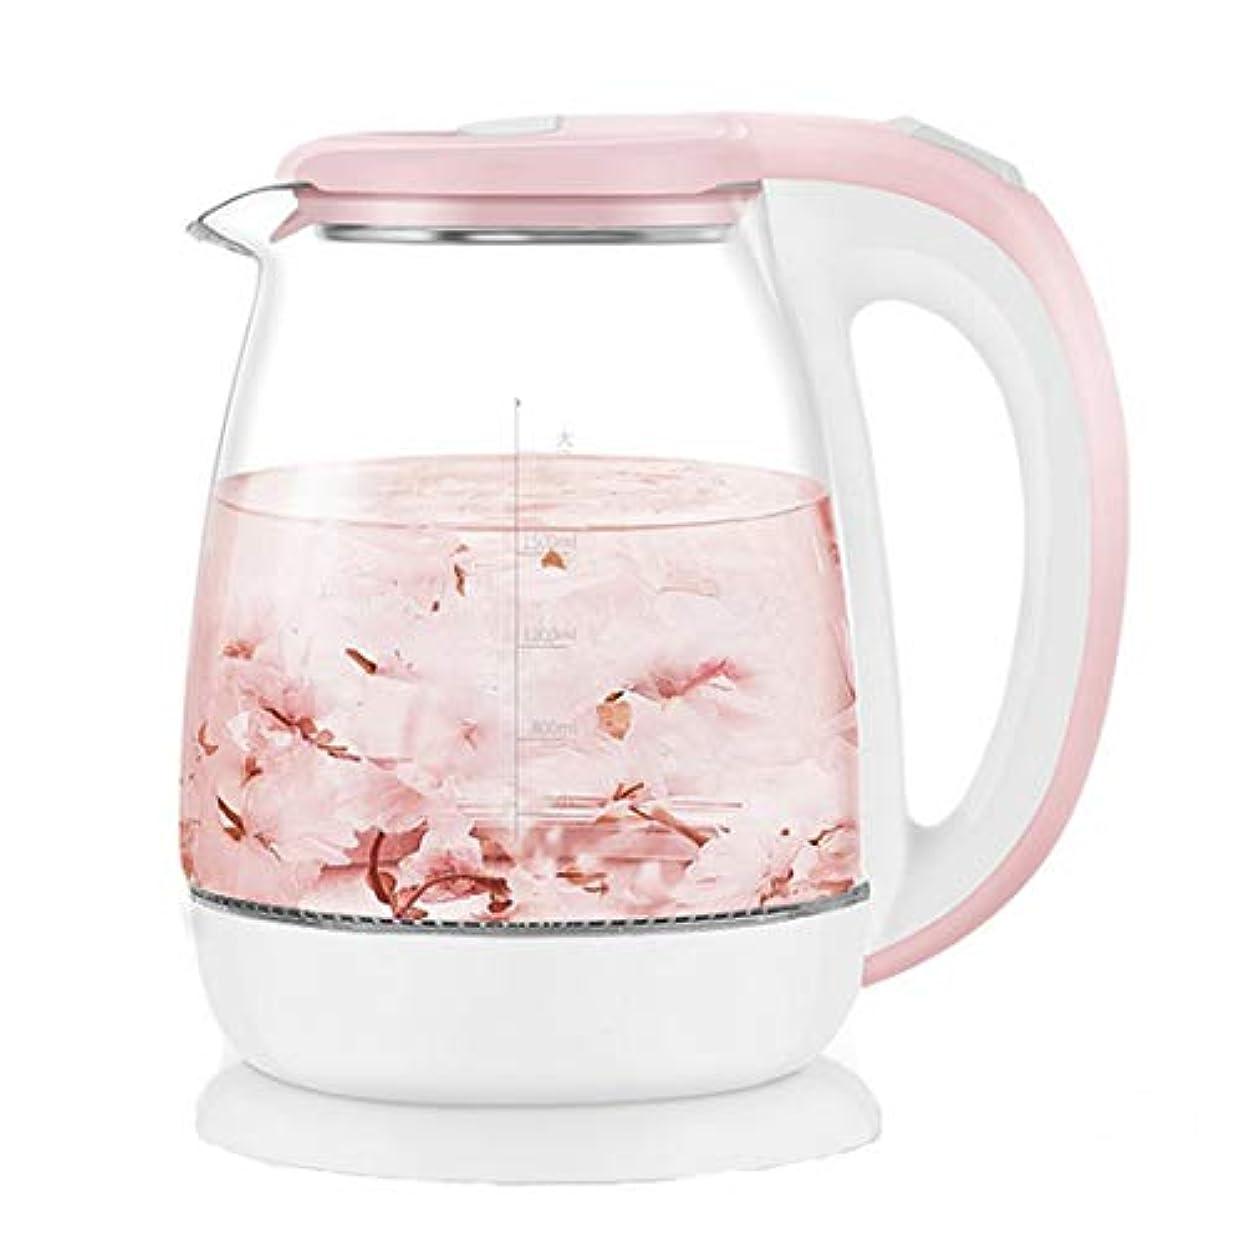 物理学者薬仕様1.8Lガラス自動電気湯沸かしポット1500W給湯器ホット沸騰ティーポットキッチンアプライアンス温度制御,ピンク